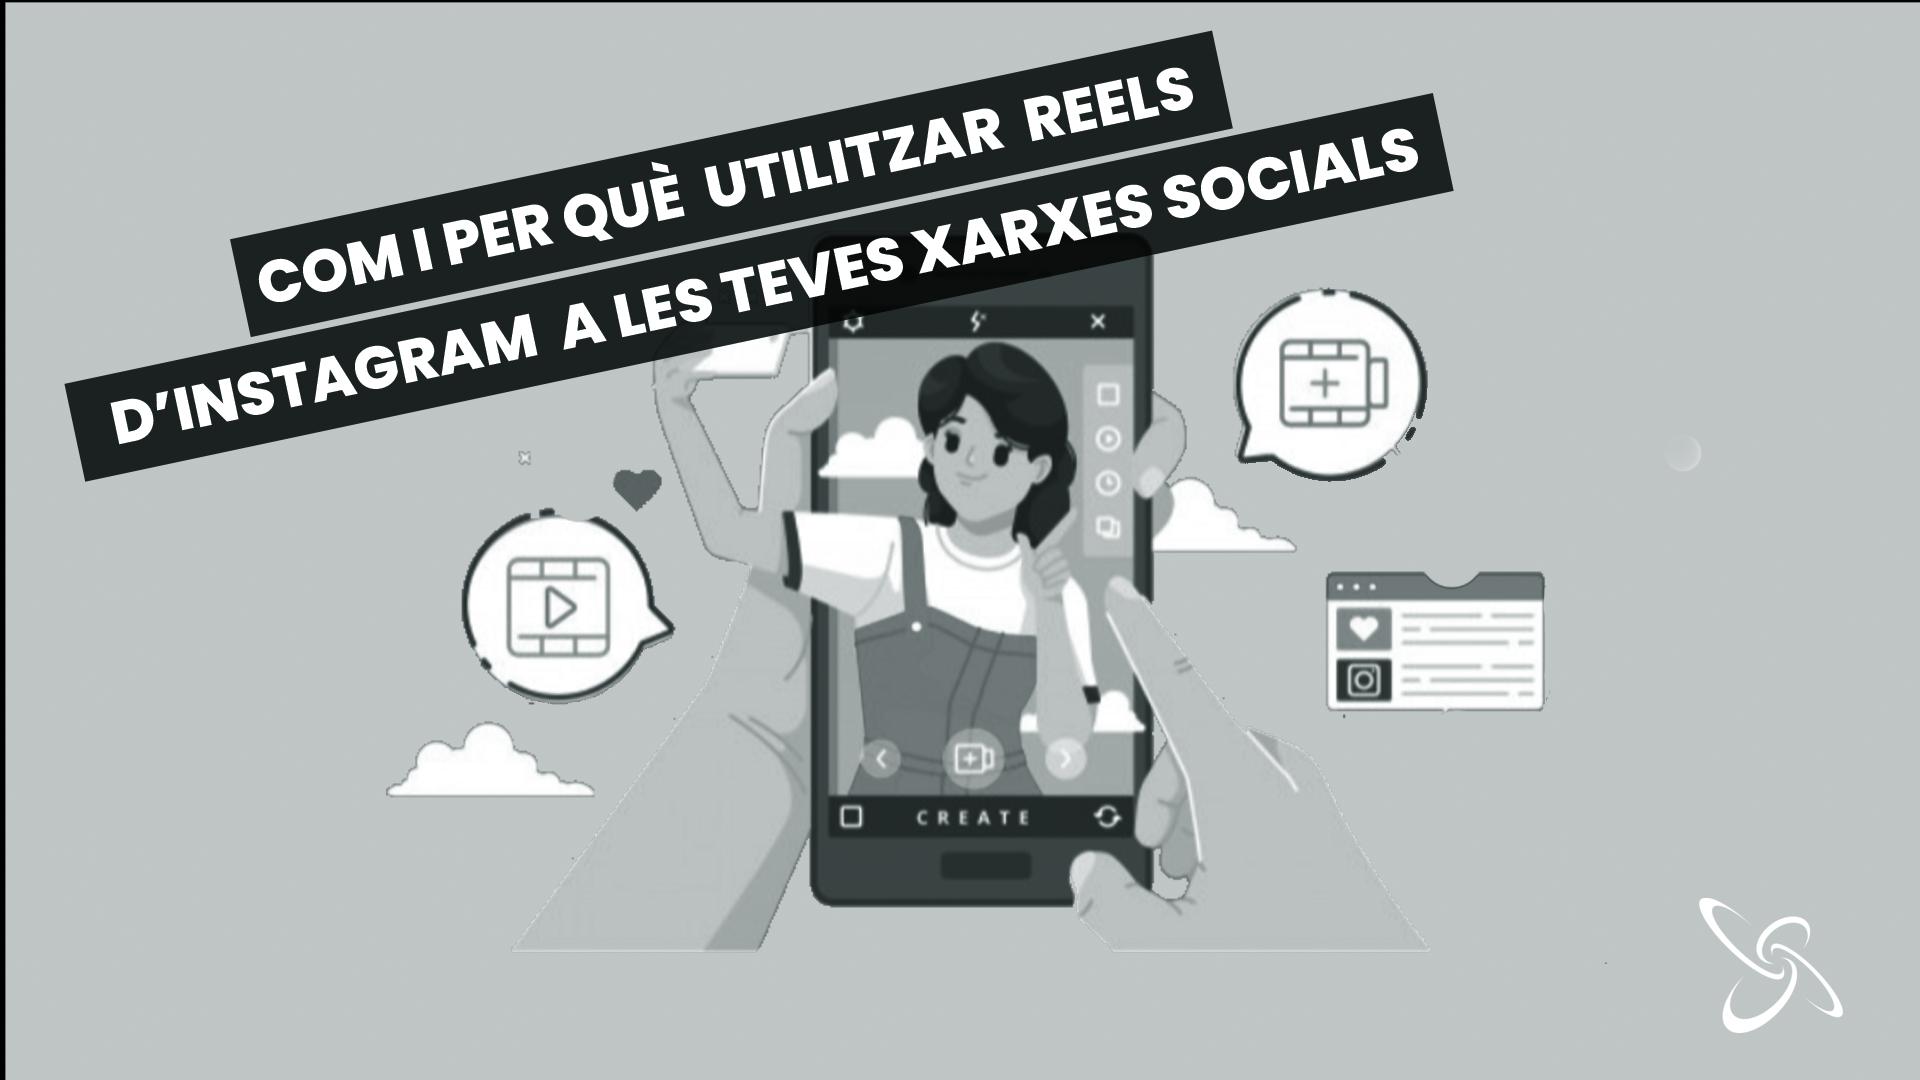 com i per què utilitzar reels d'instagram a les teves xarxes socials